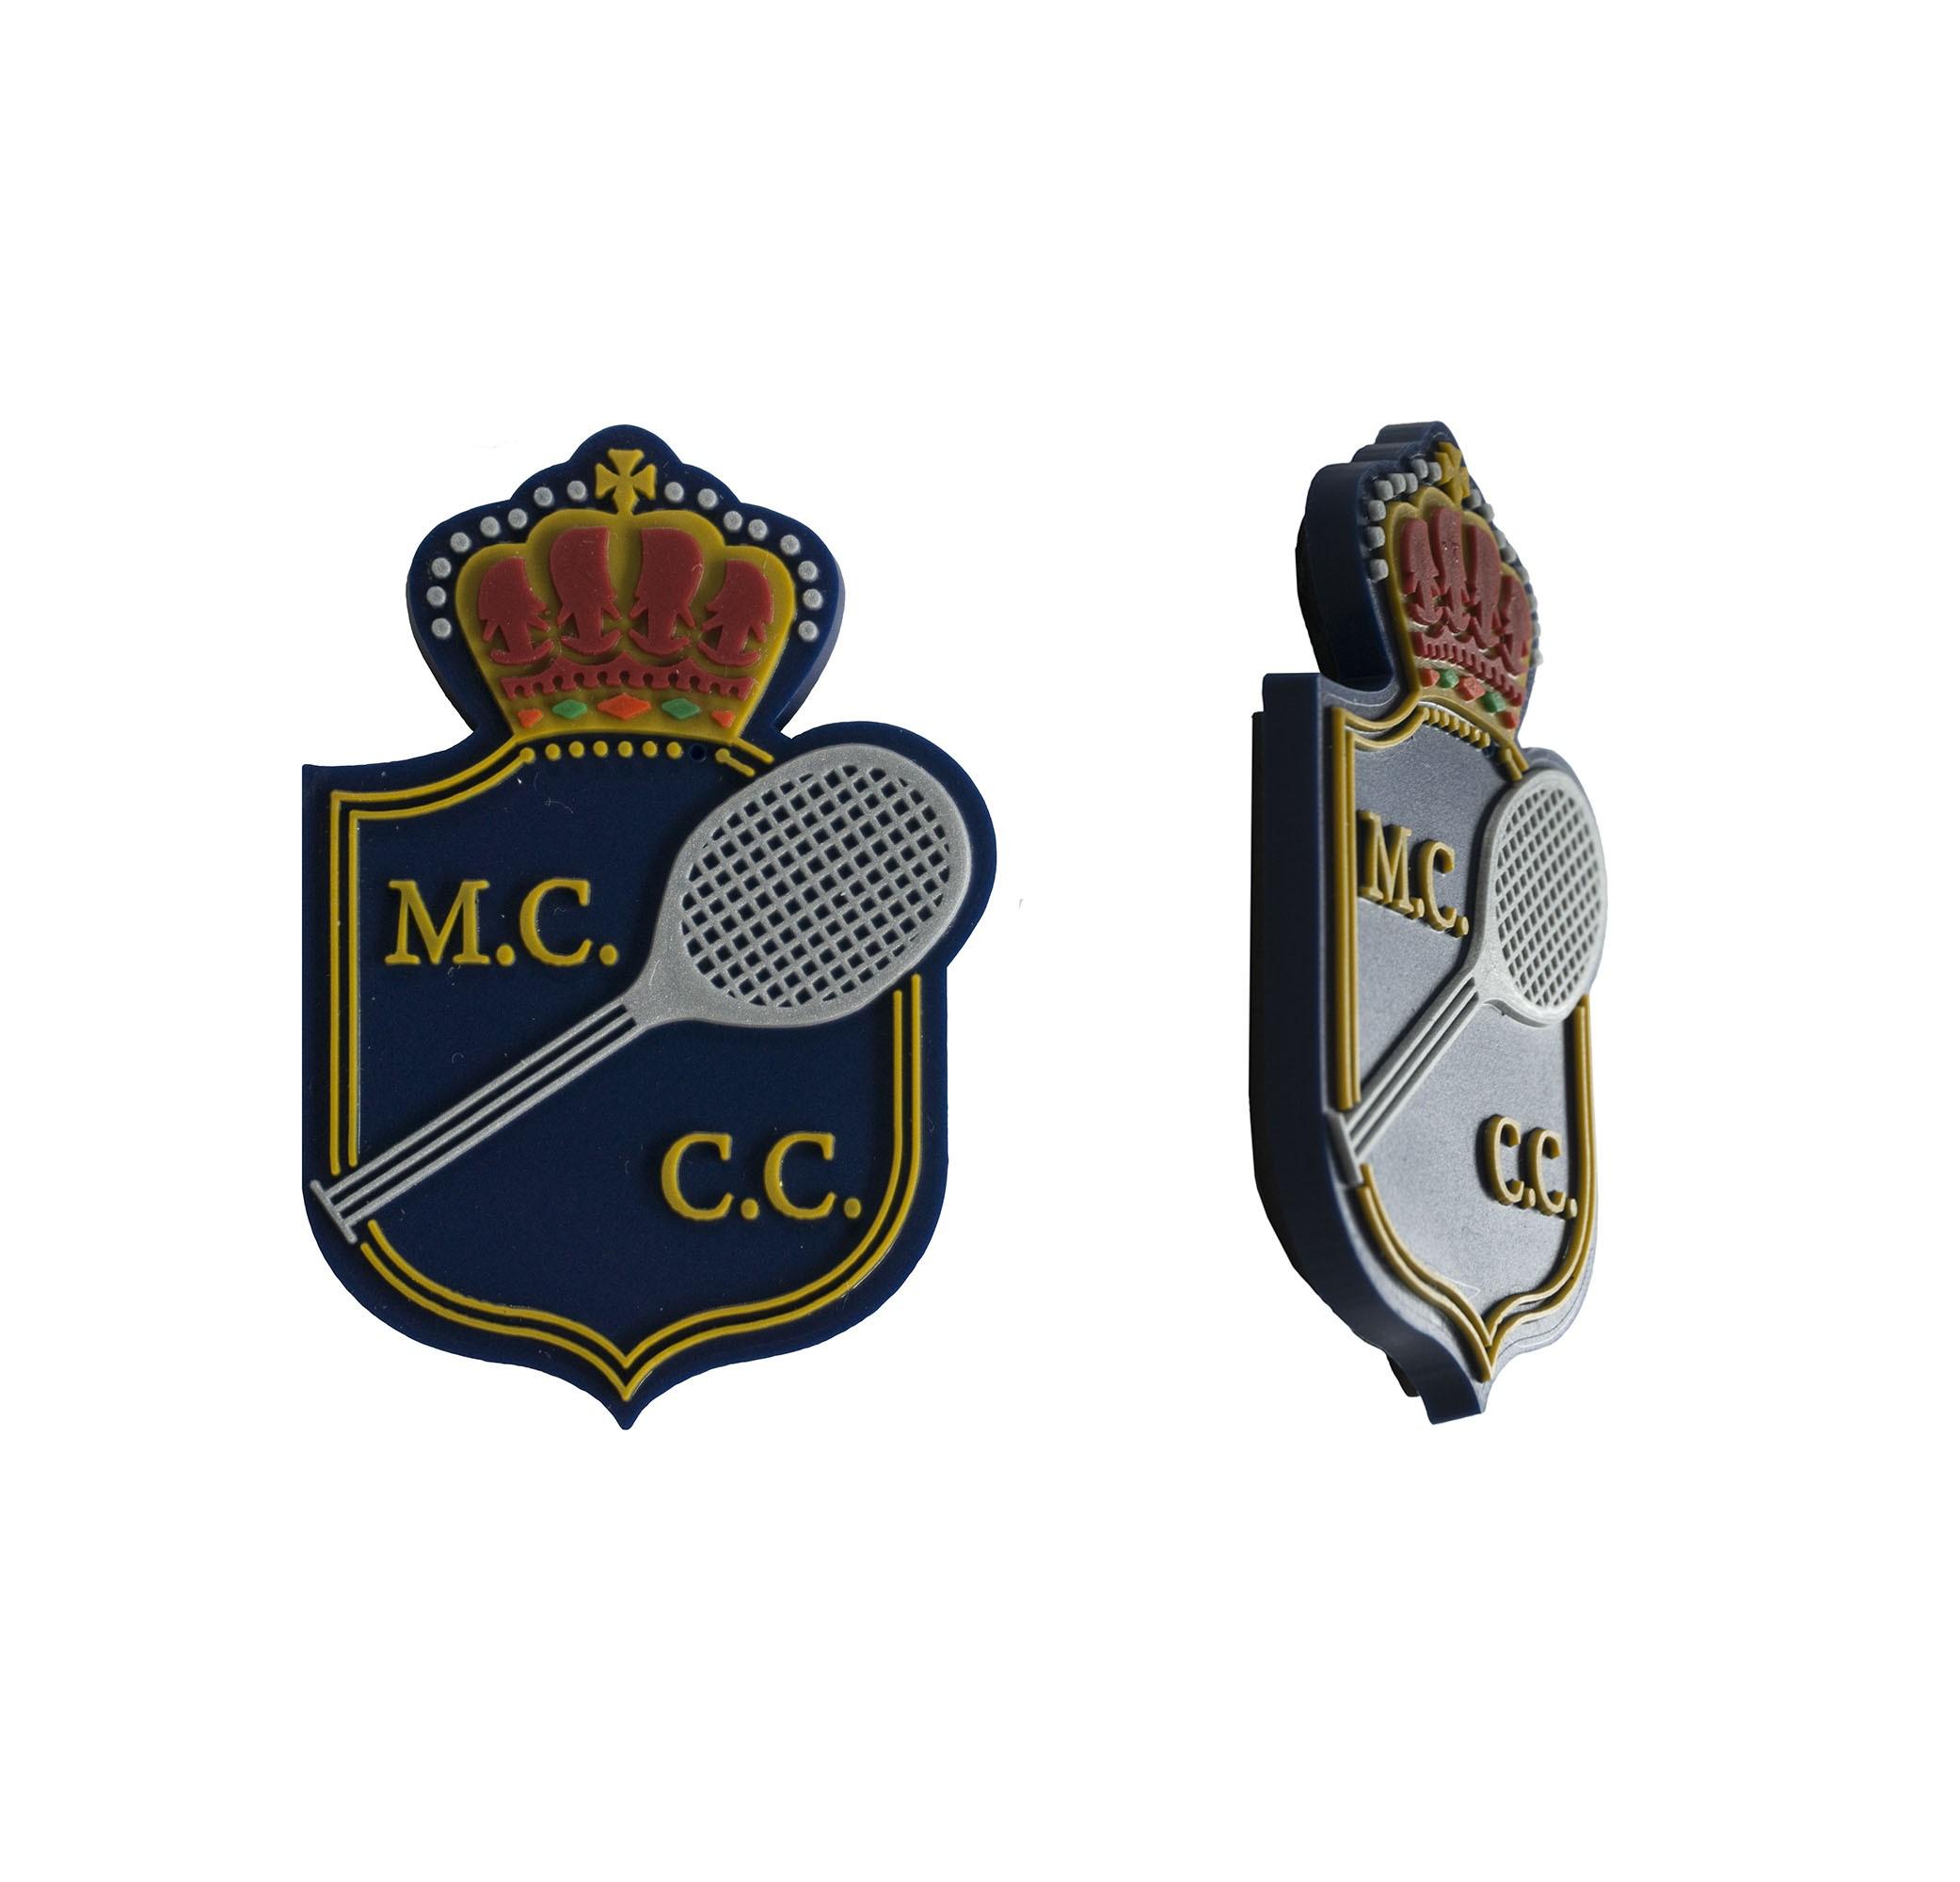 MAGNET M.C.C.C. SILICONE